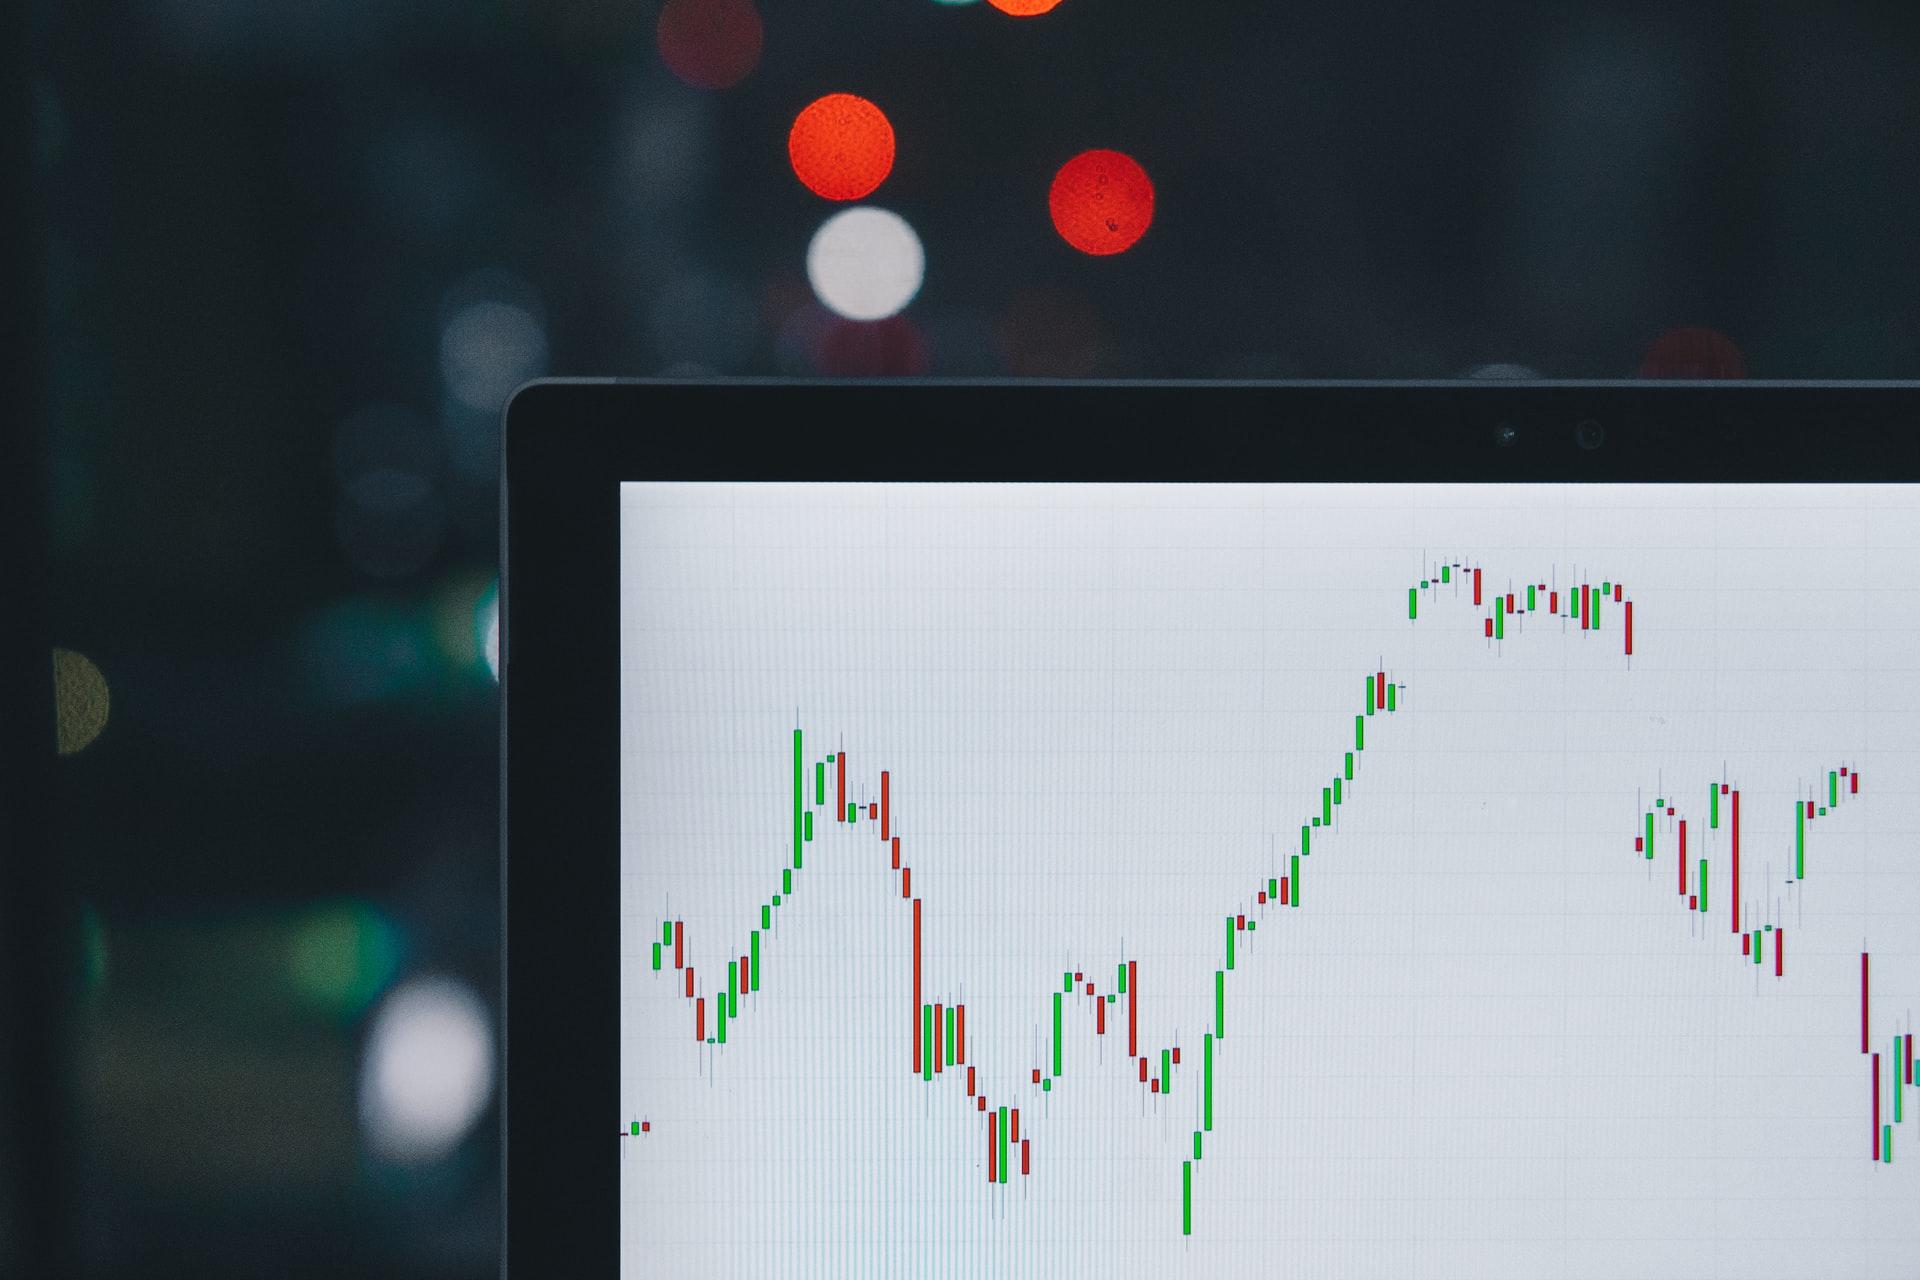 Рынок блокчейн-интернета вещей (IoT) к 2026 году будет стоить 5,8 миллиарда долларов.